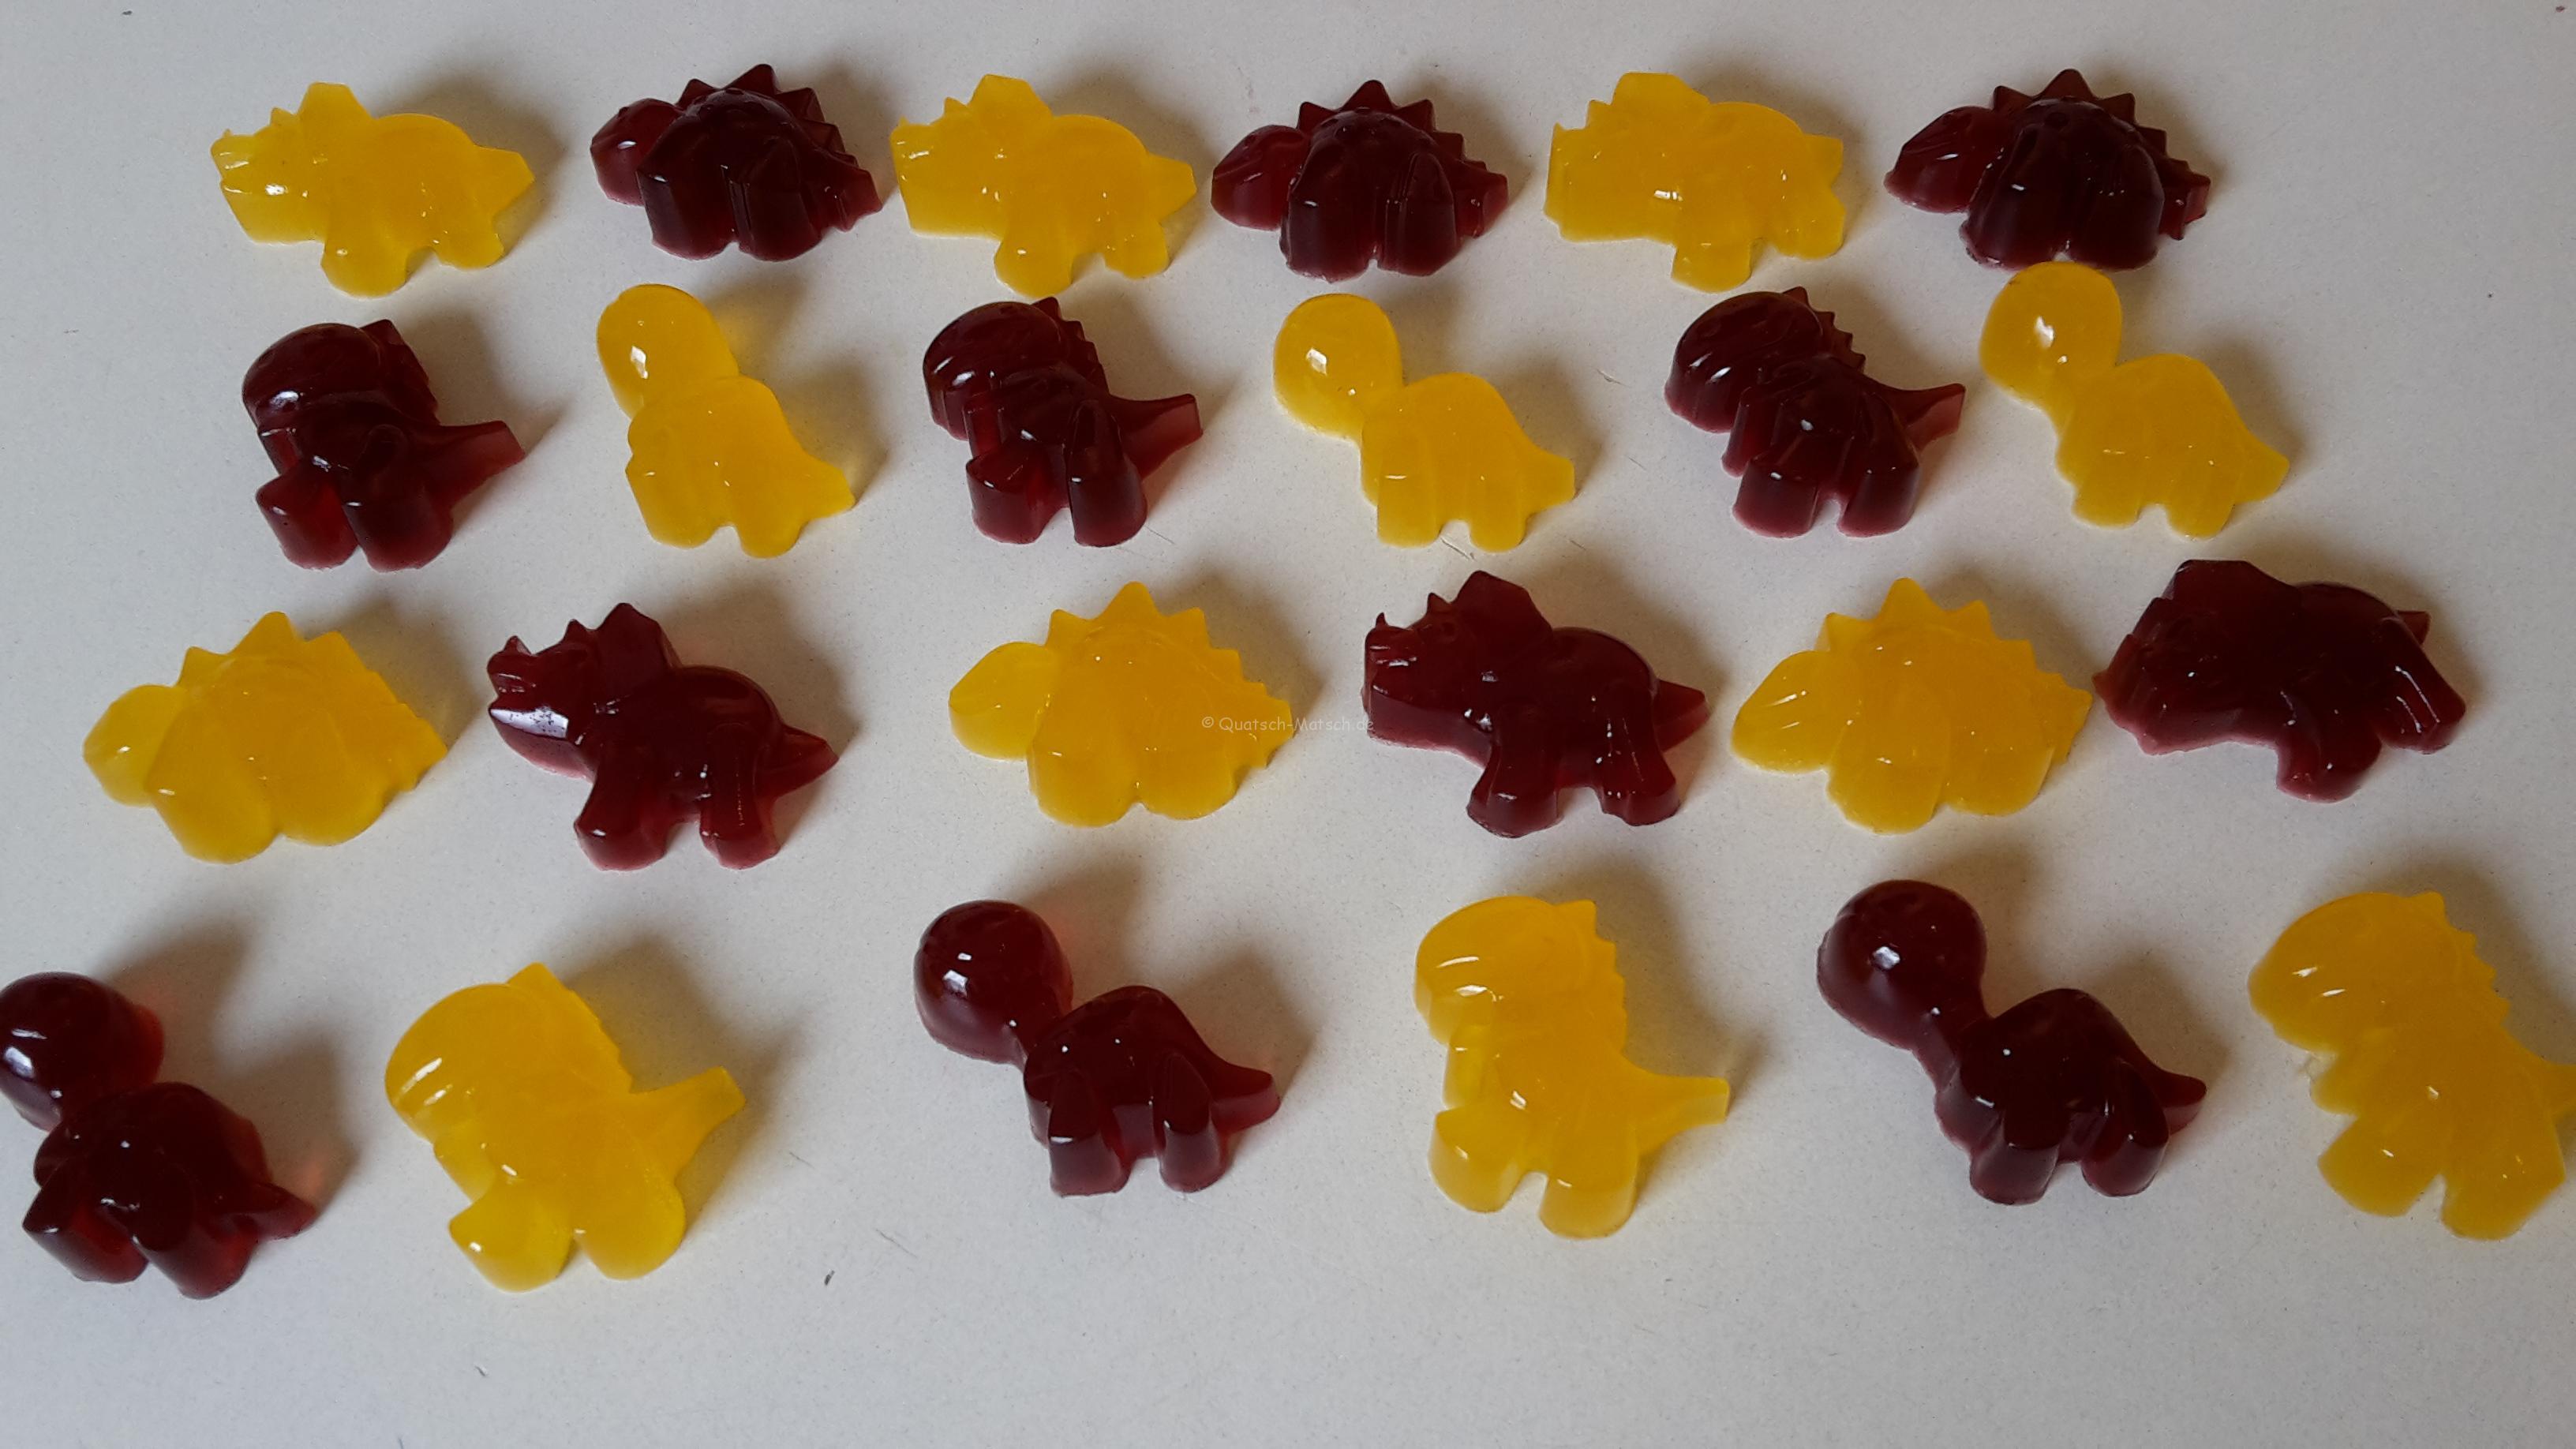 Gummibärchen selber machen – Natürliche Zutaten